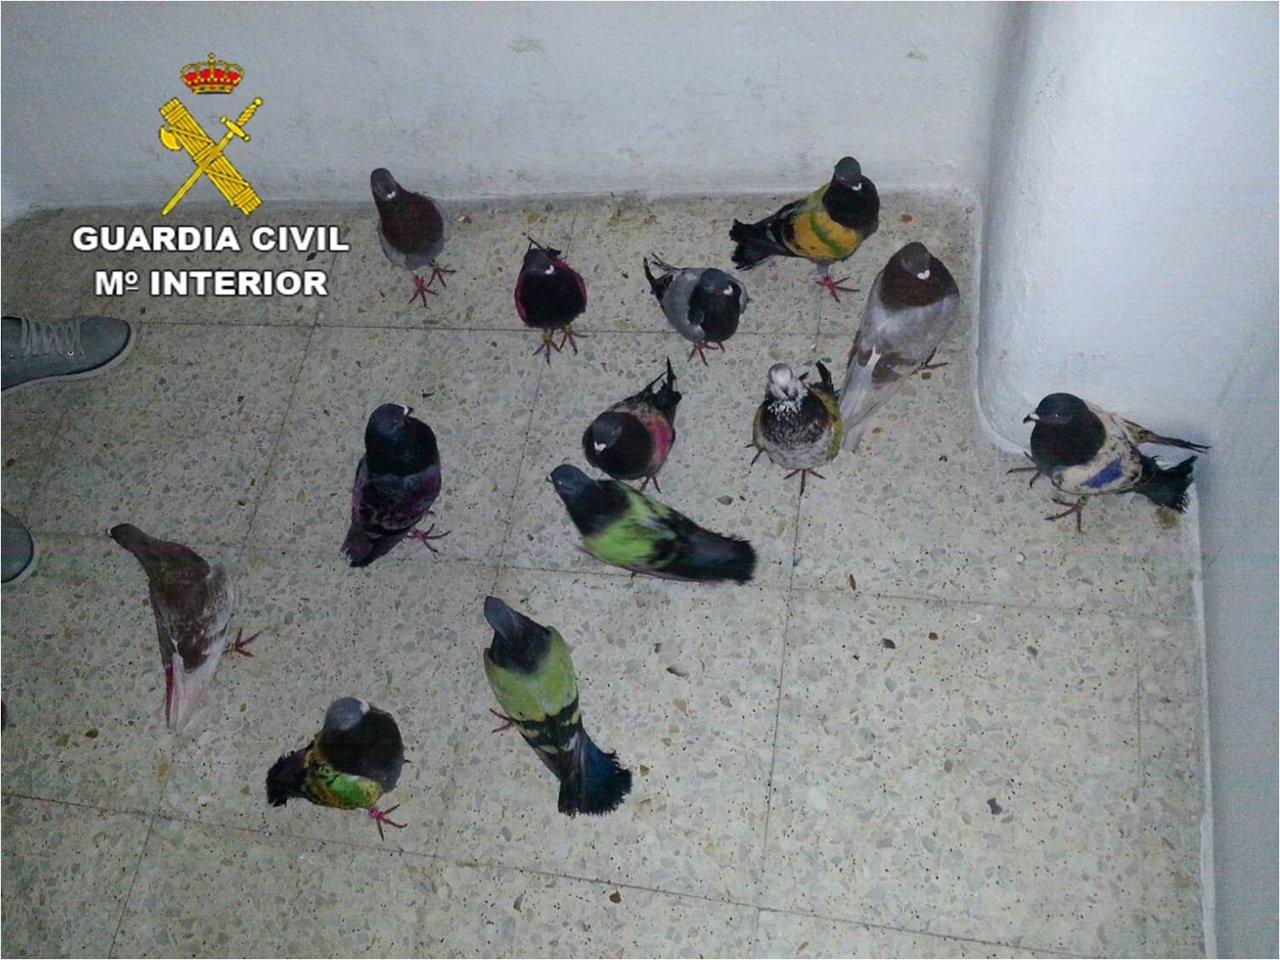 Aves recuperadas por los agentes